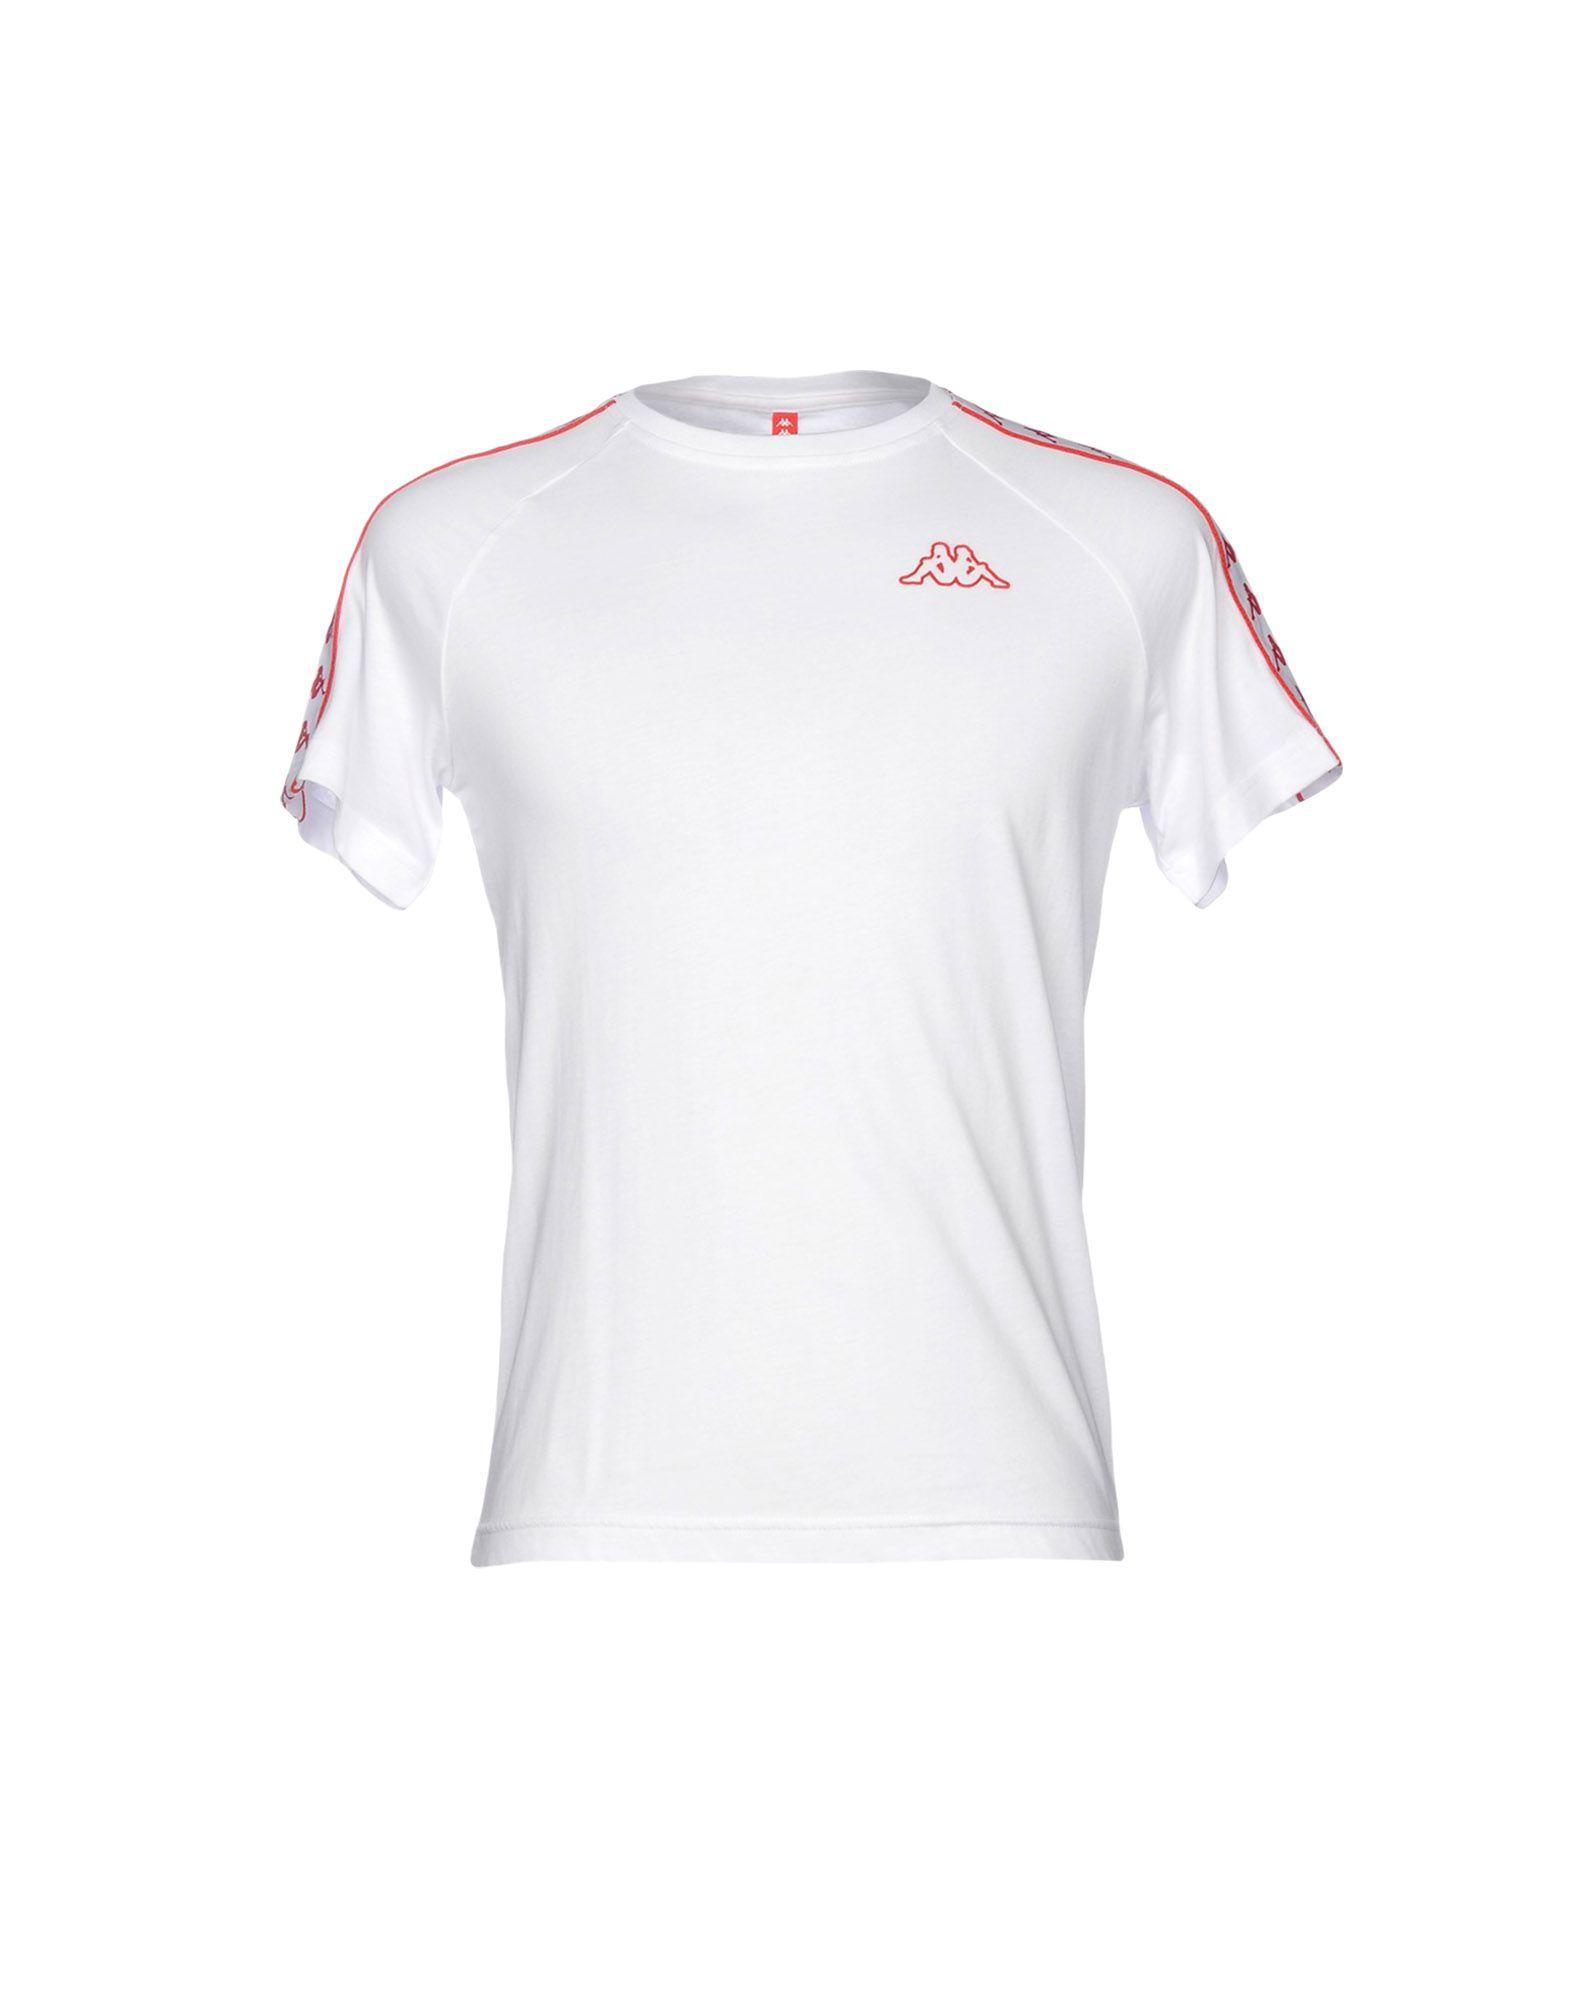 T-Shirt Kappa uomo uomo - 12188817WU  Professionelles integriertes Online-Einkaufszentrum